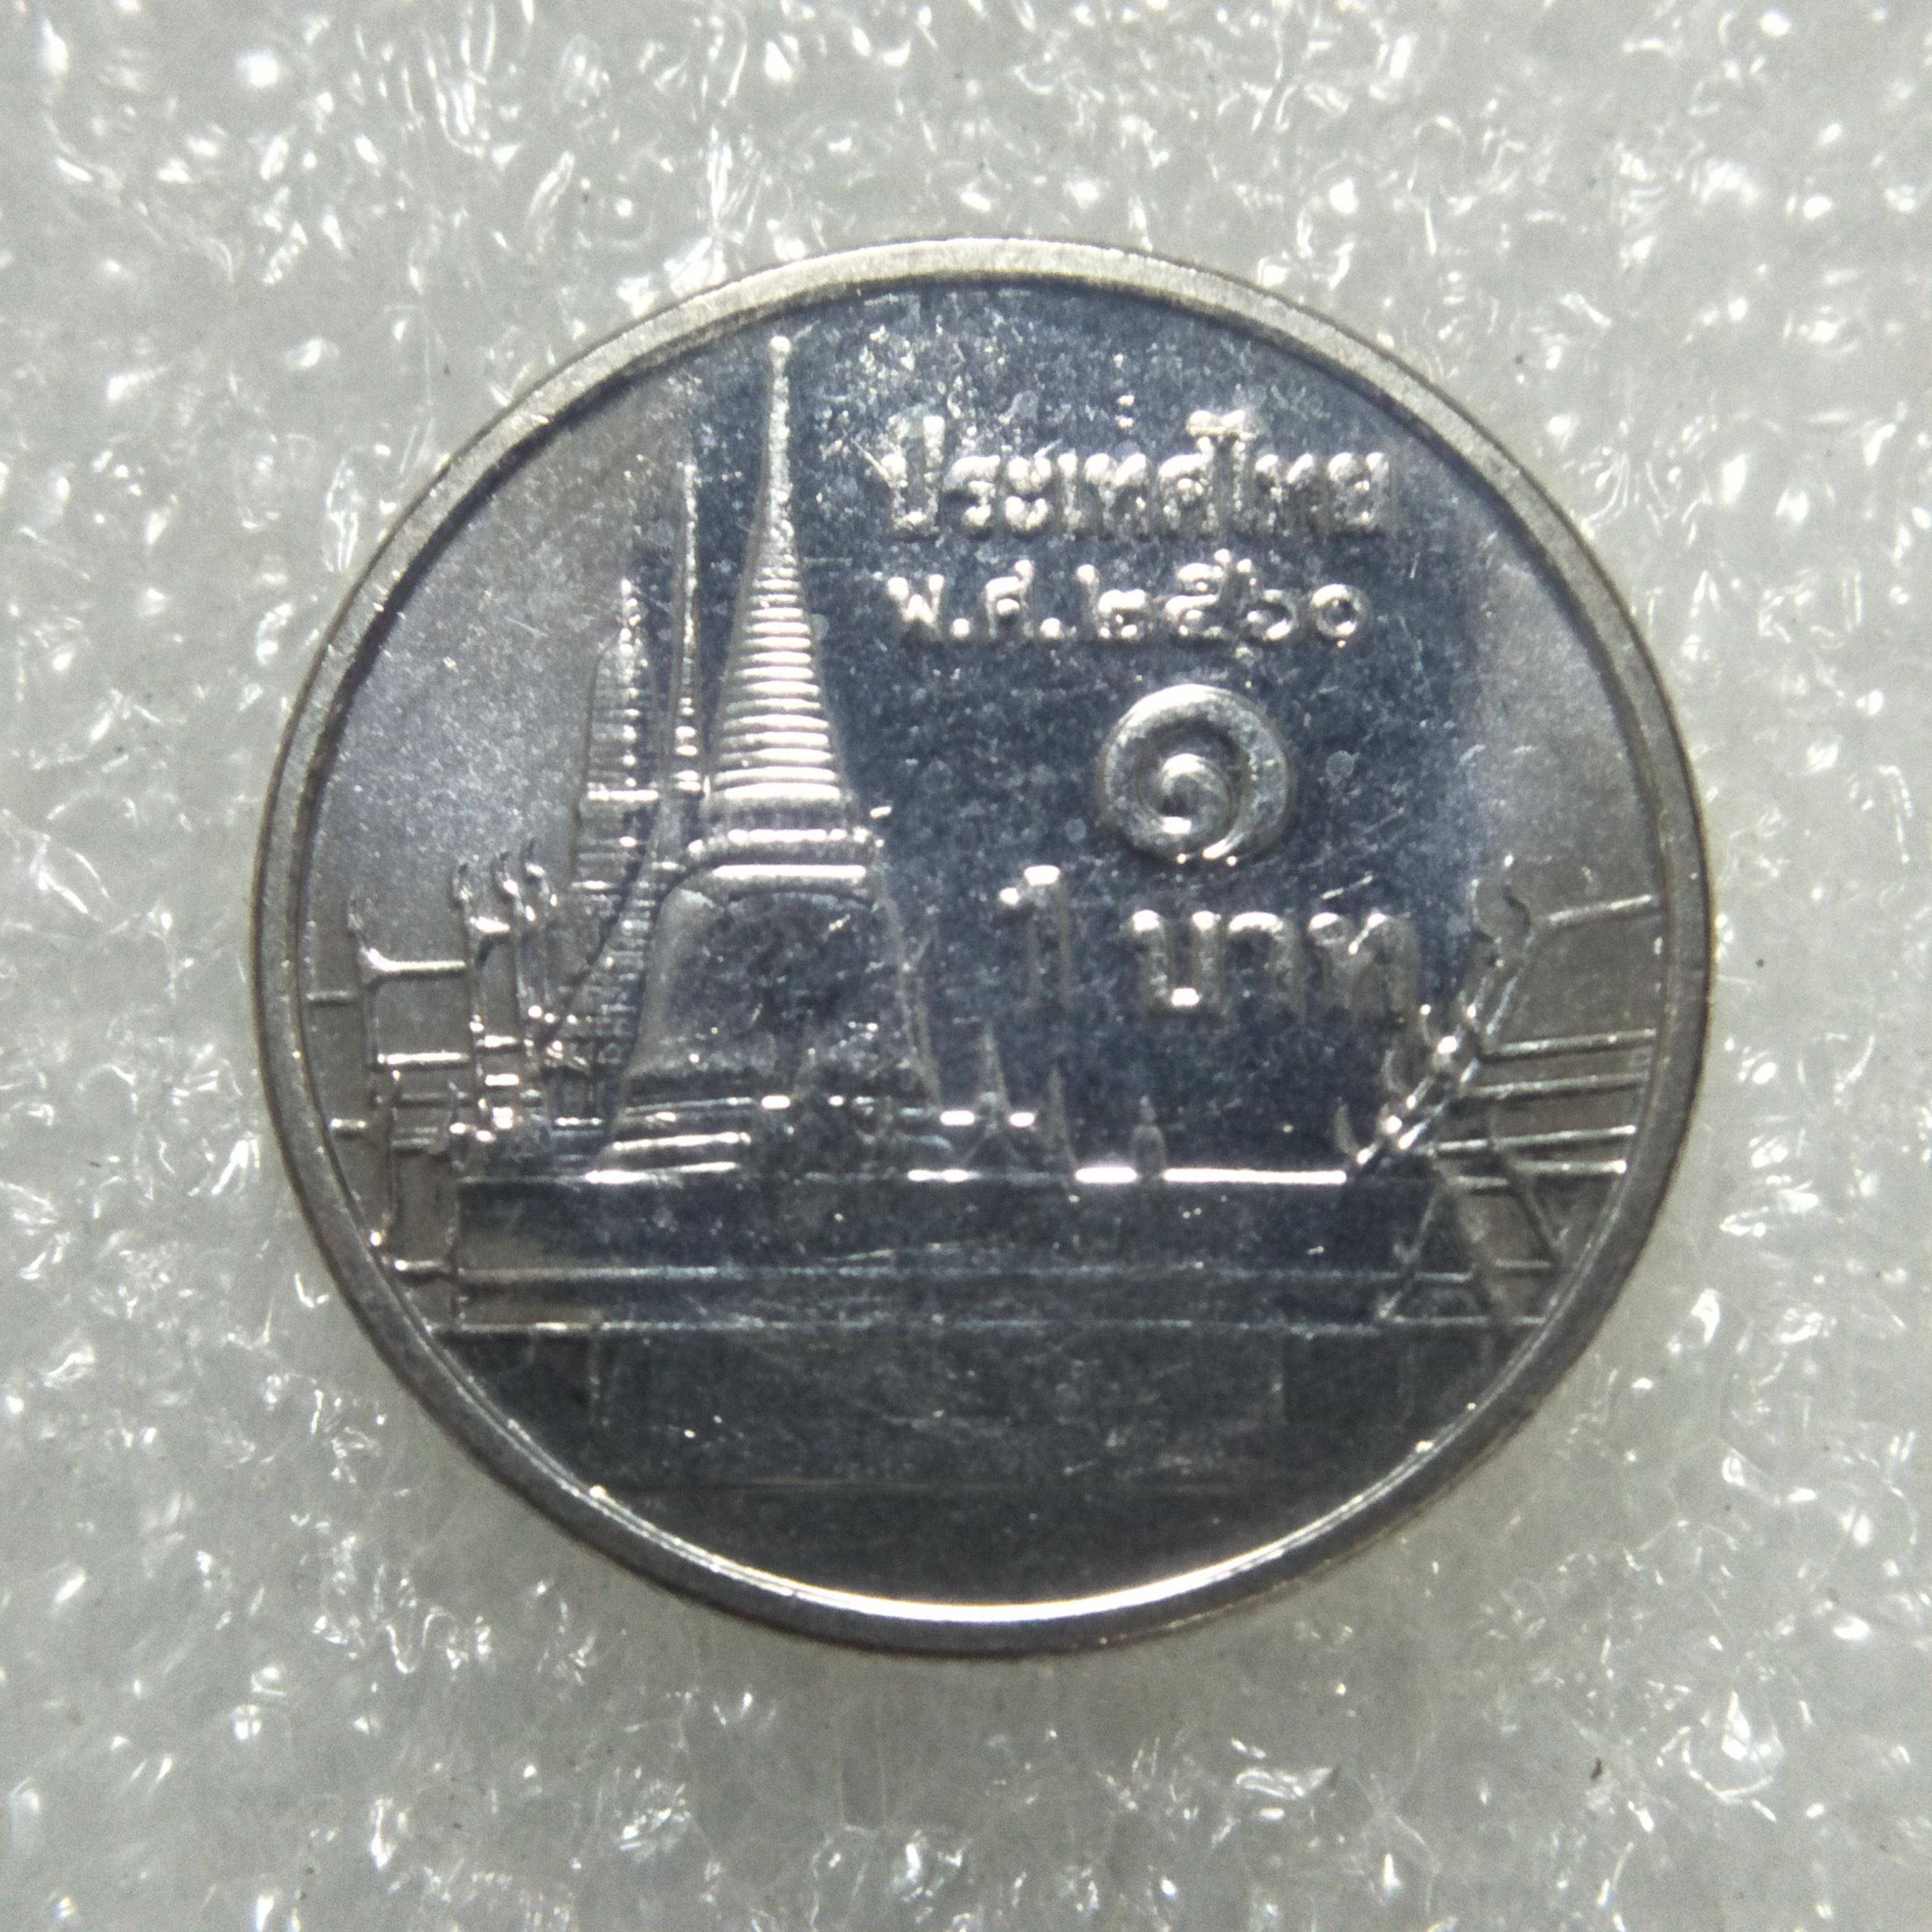 เหรียญ 1 บาท 2560 ไม่ผ่านใช้ UNC